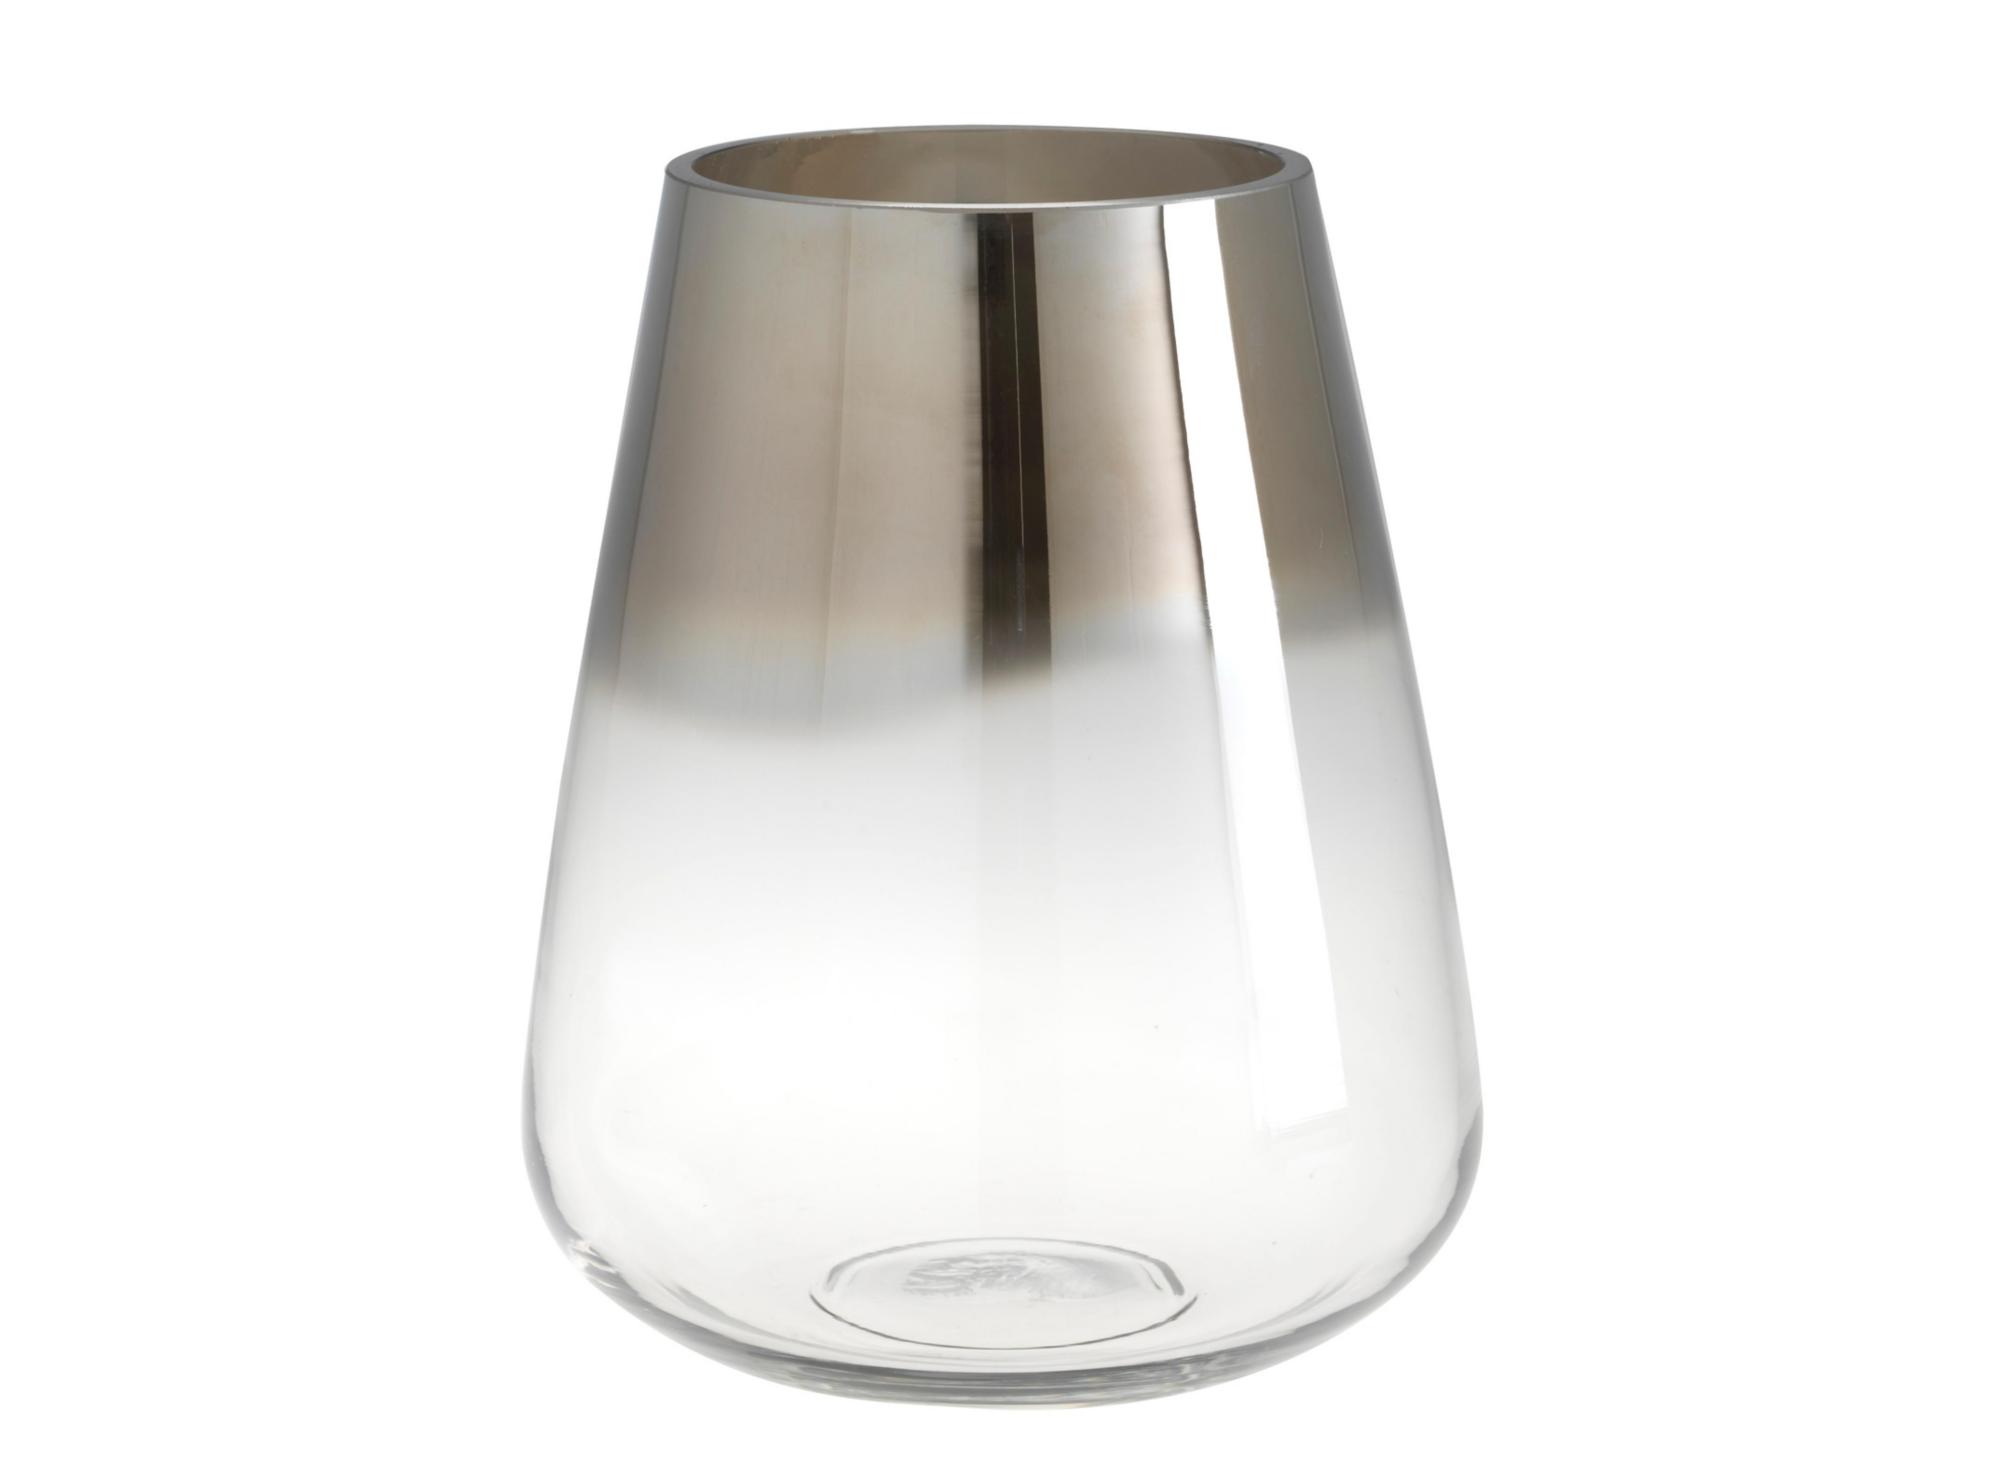 vase en verre souffle h 23 cm transparent argent fly. Black Bedroom Furniture Sets. Home Design Ideas